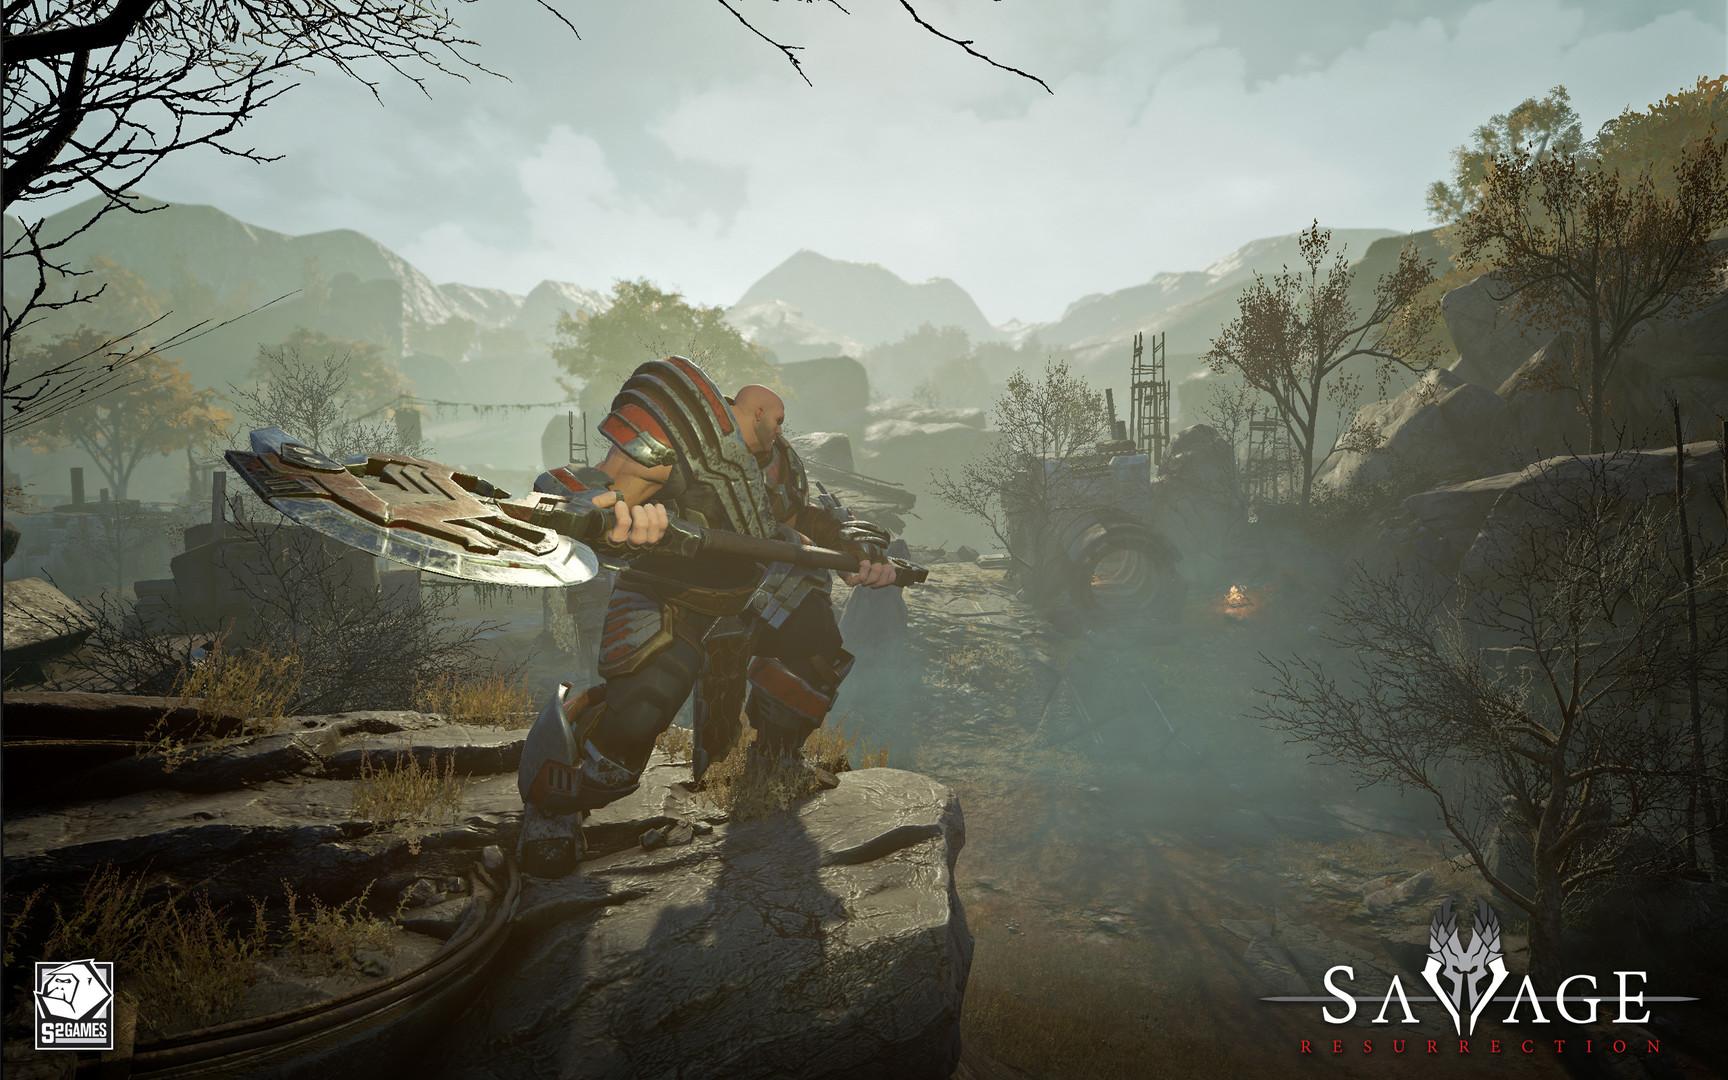 Savage Resurrection es una mezcla de acciòn y estrategia que ya esta disponible en Steam